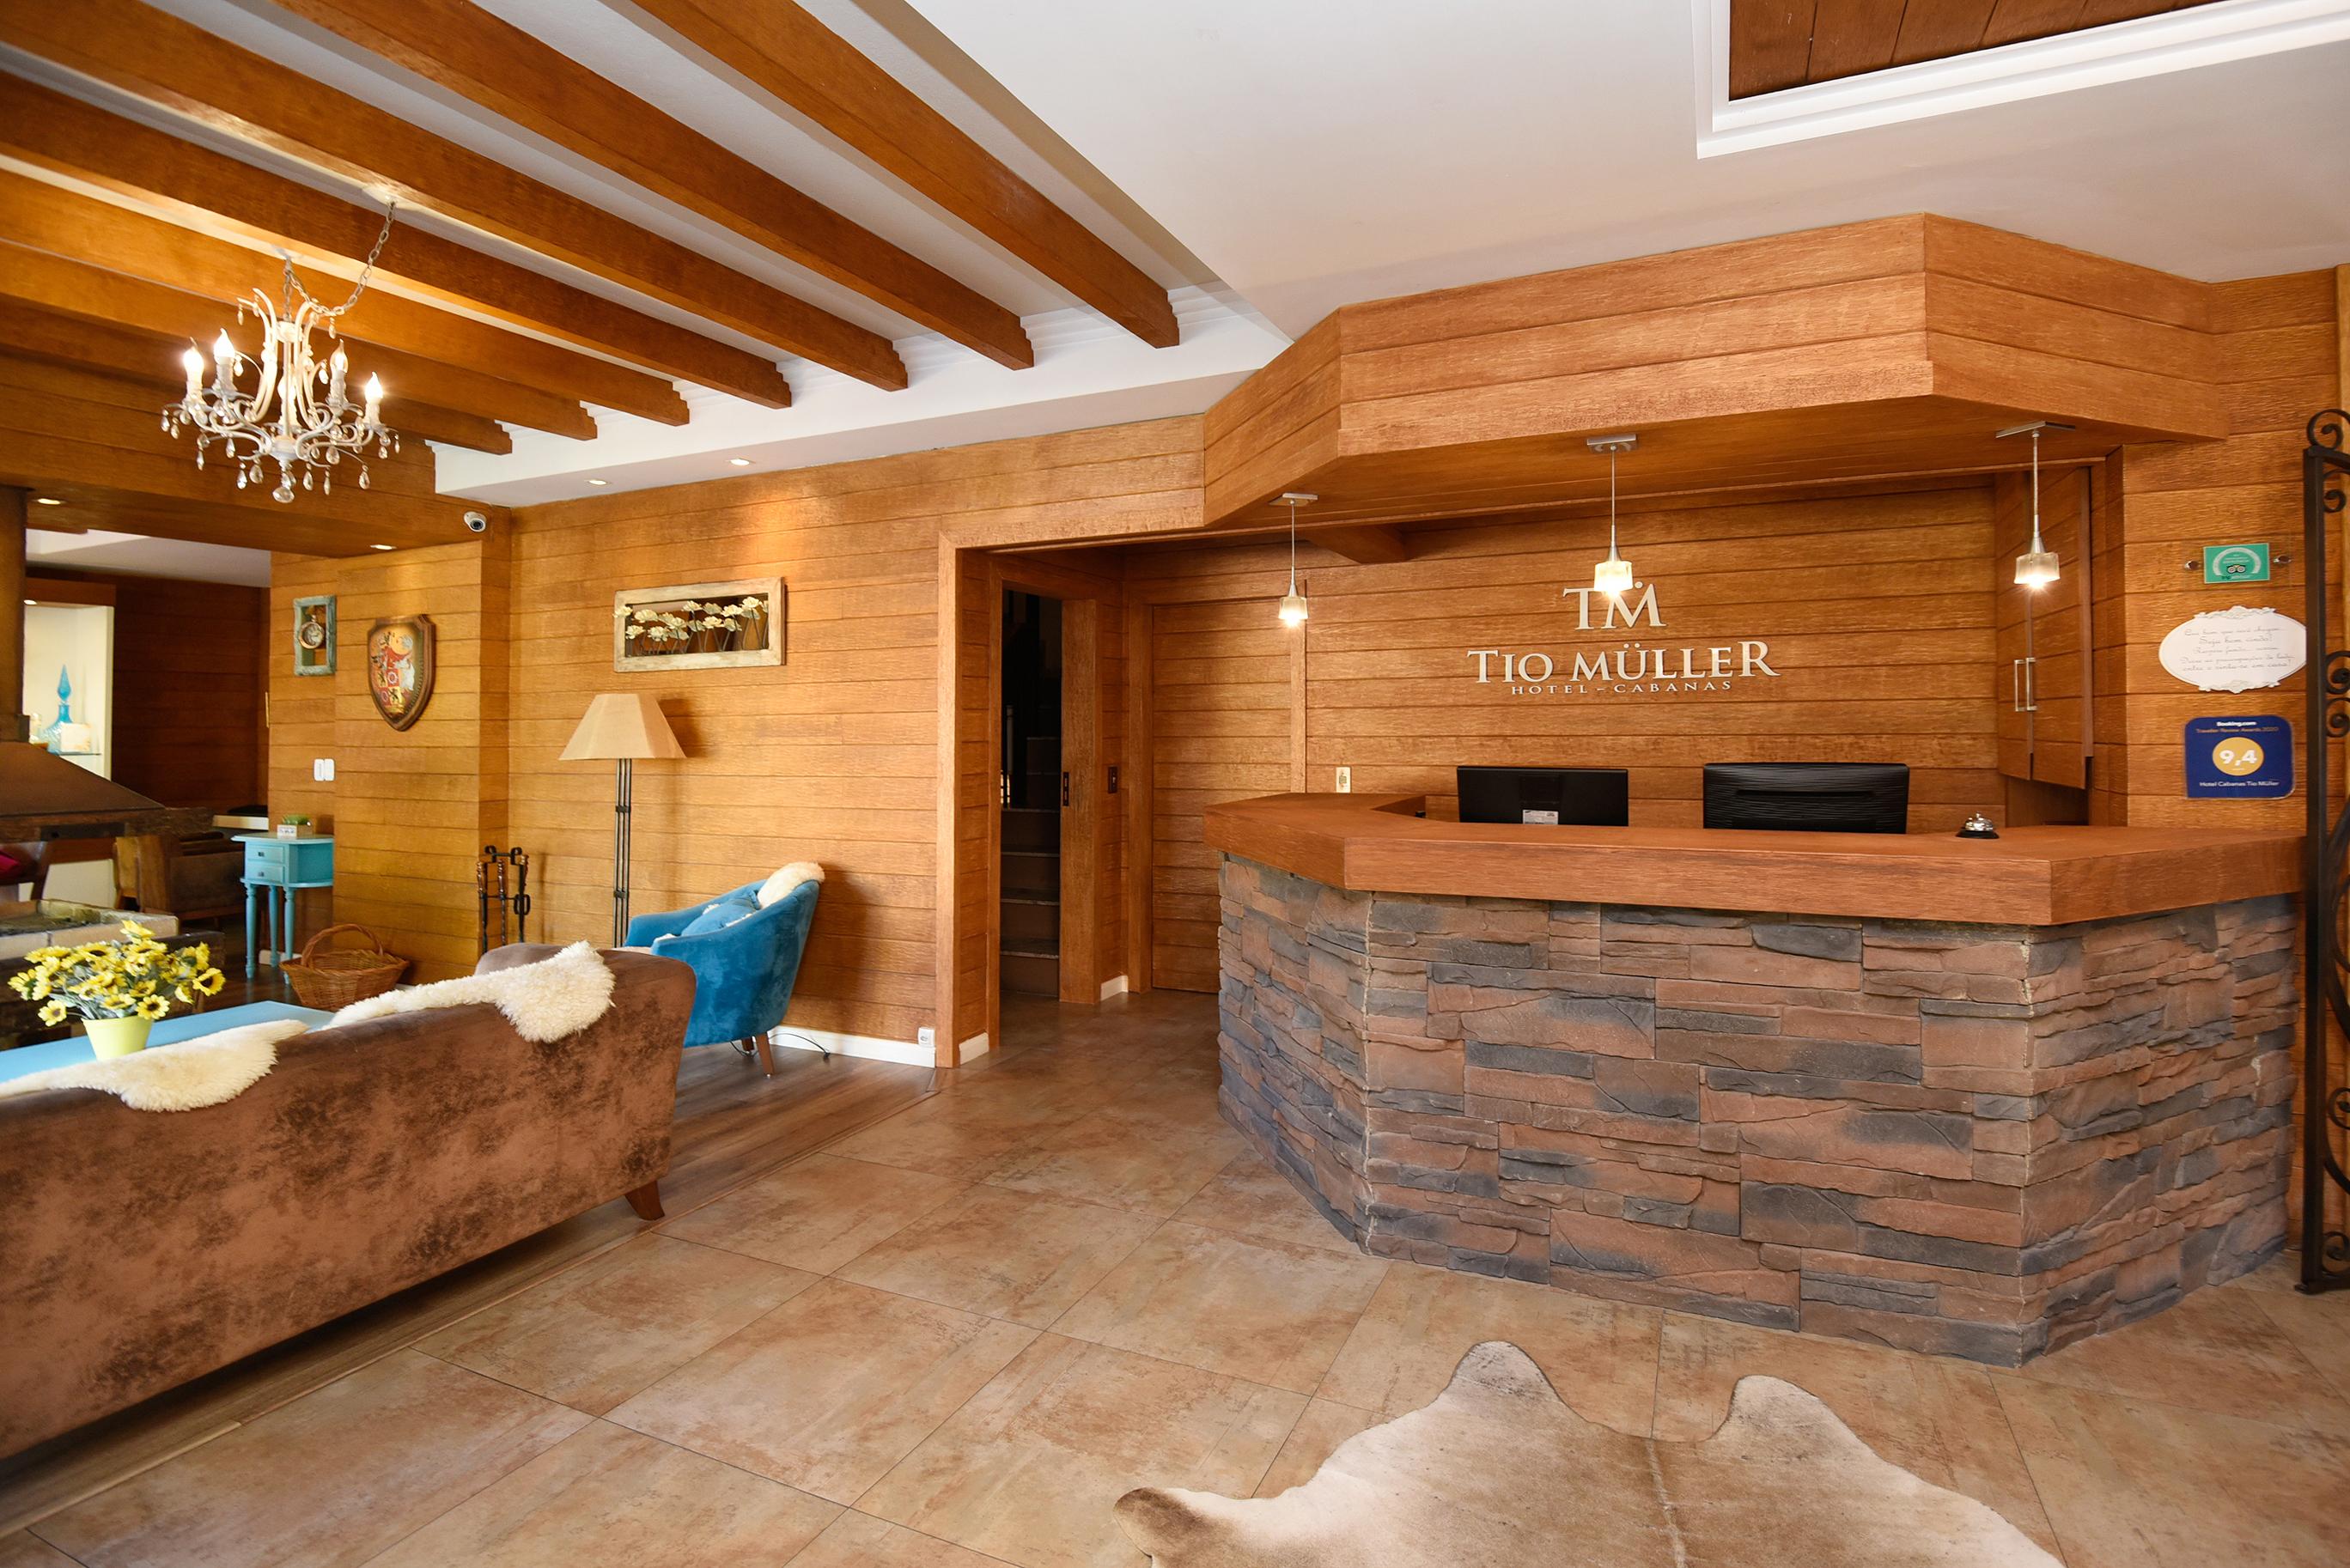 Recepção Hotel Cabanas Tio Muller em Gramado